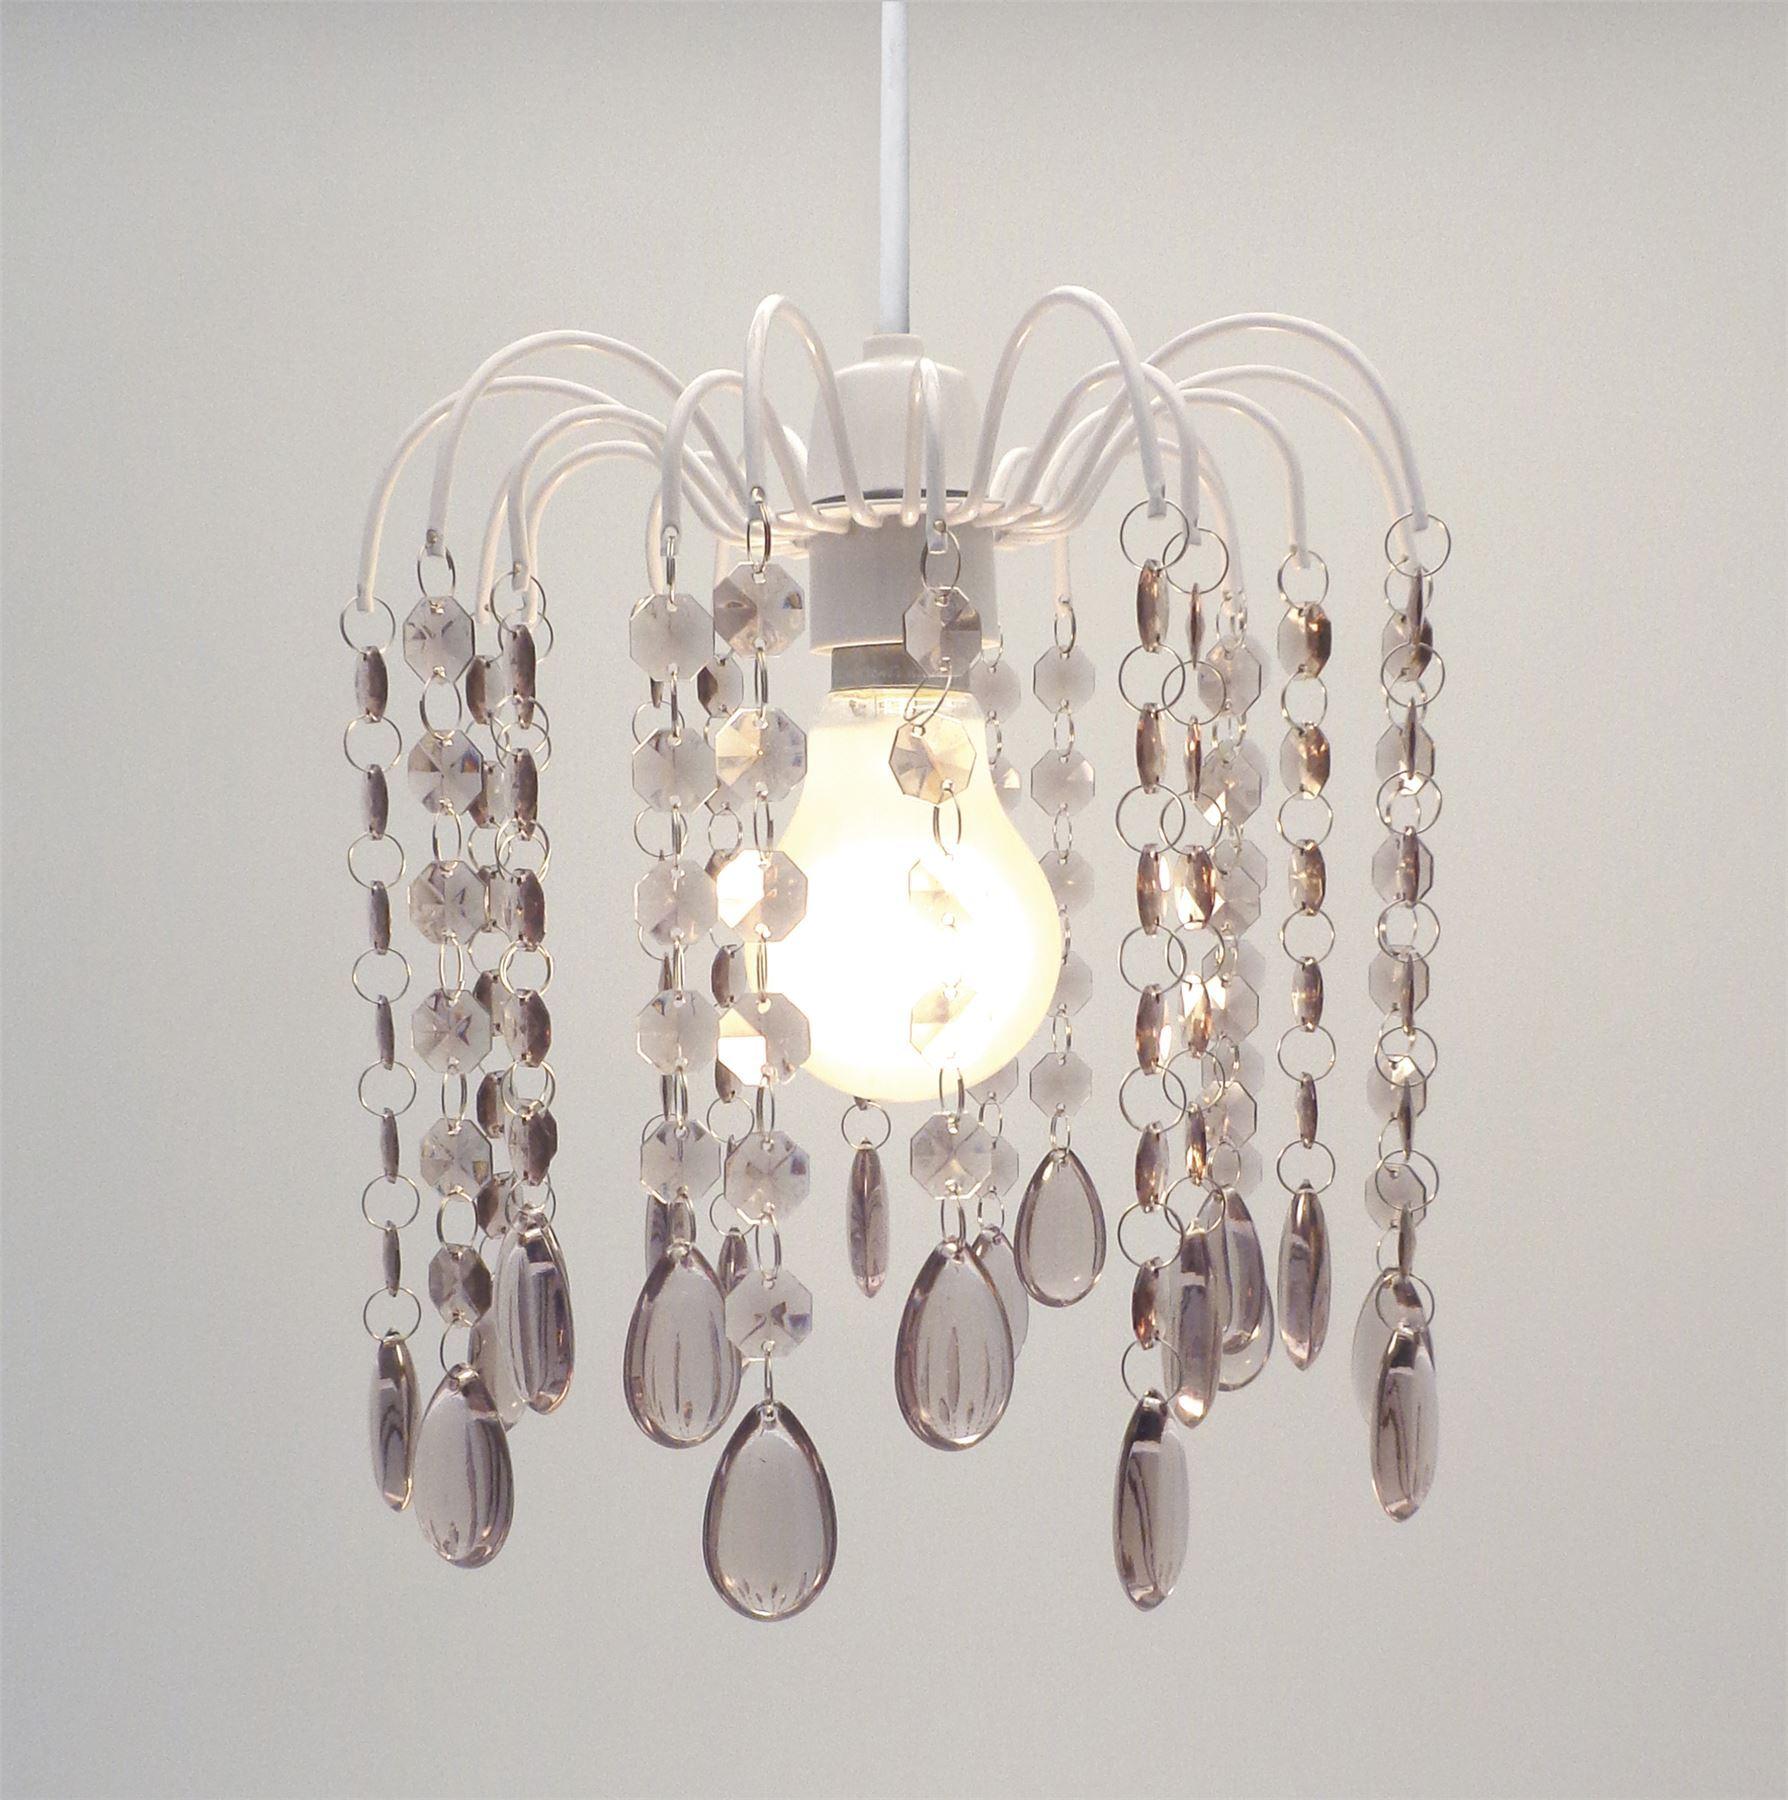 Droplet gem chandelier ceiling pendant light shade easy fit light droplet gem chandelier ceiling pendant light shade easy aloadofball Gallery